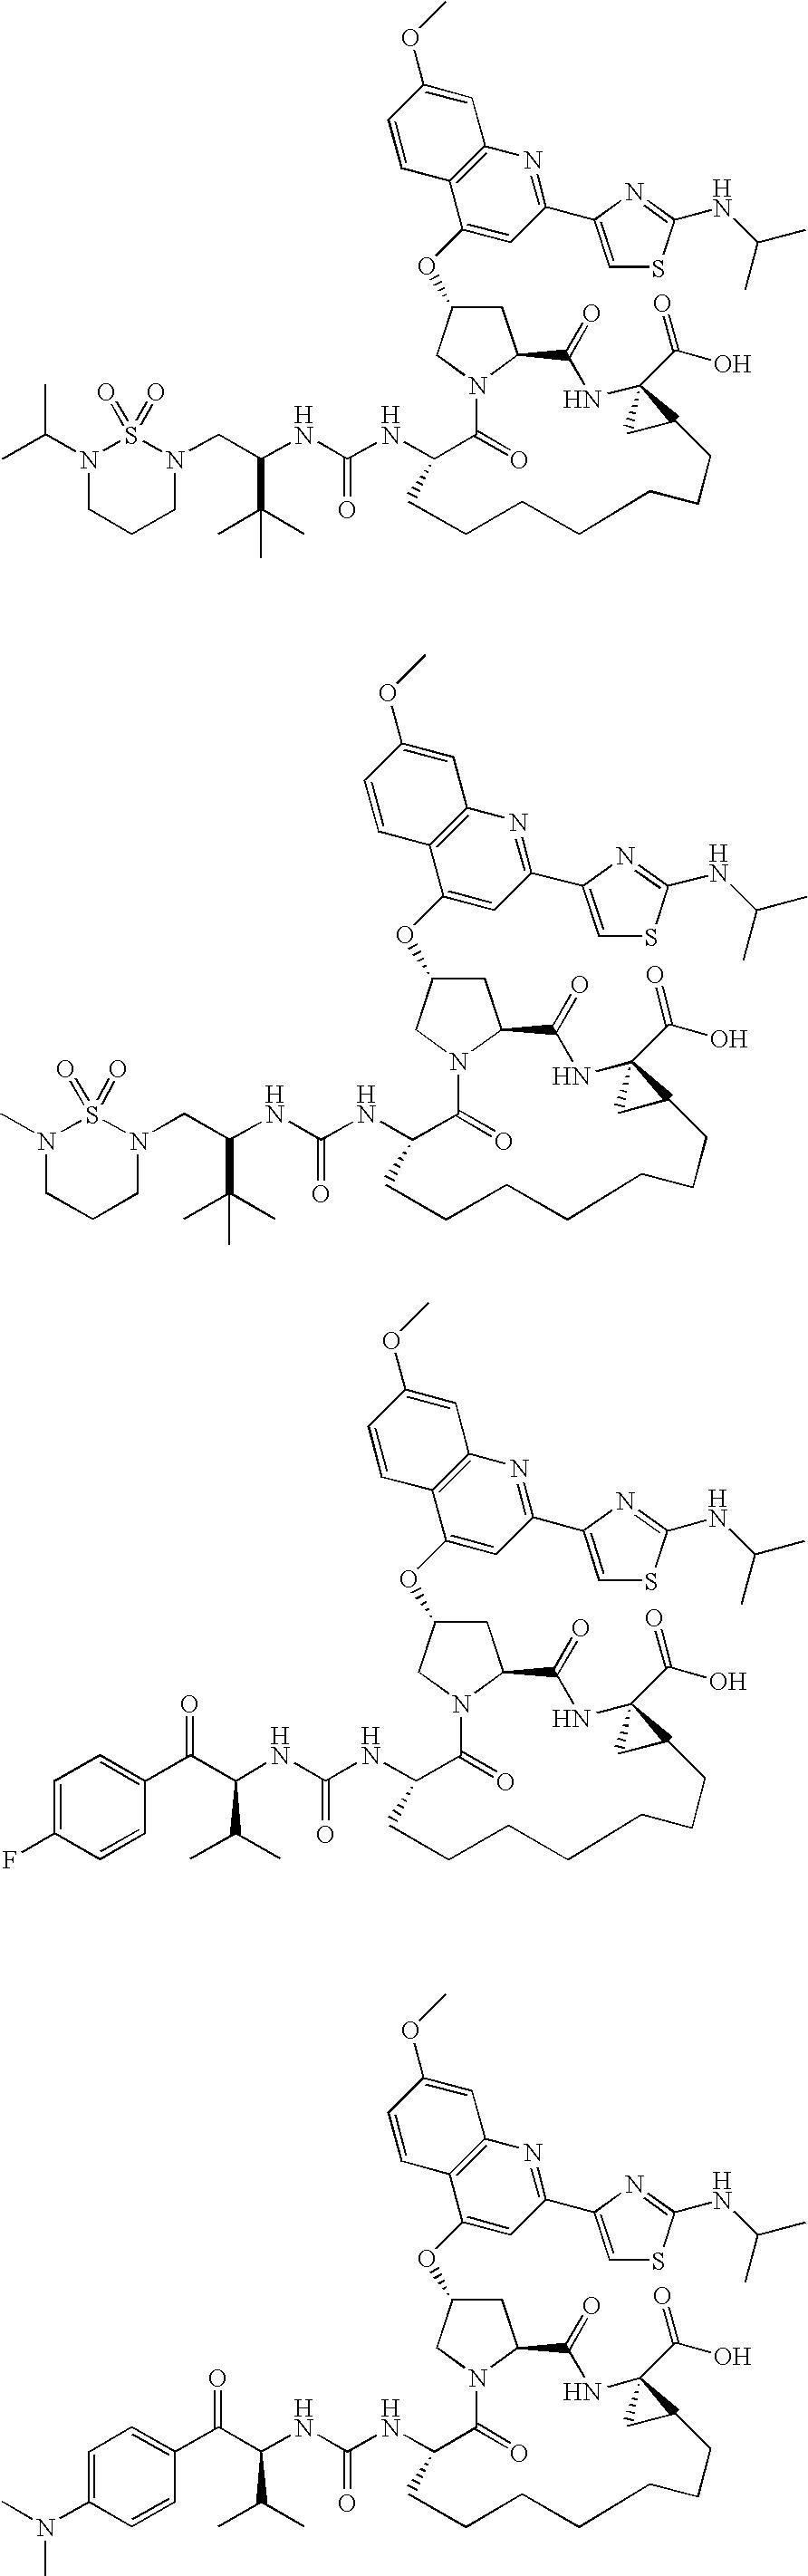 Figure US20060287248A1-20061221-C00199